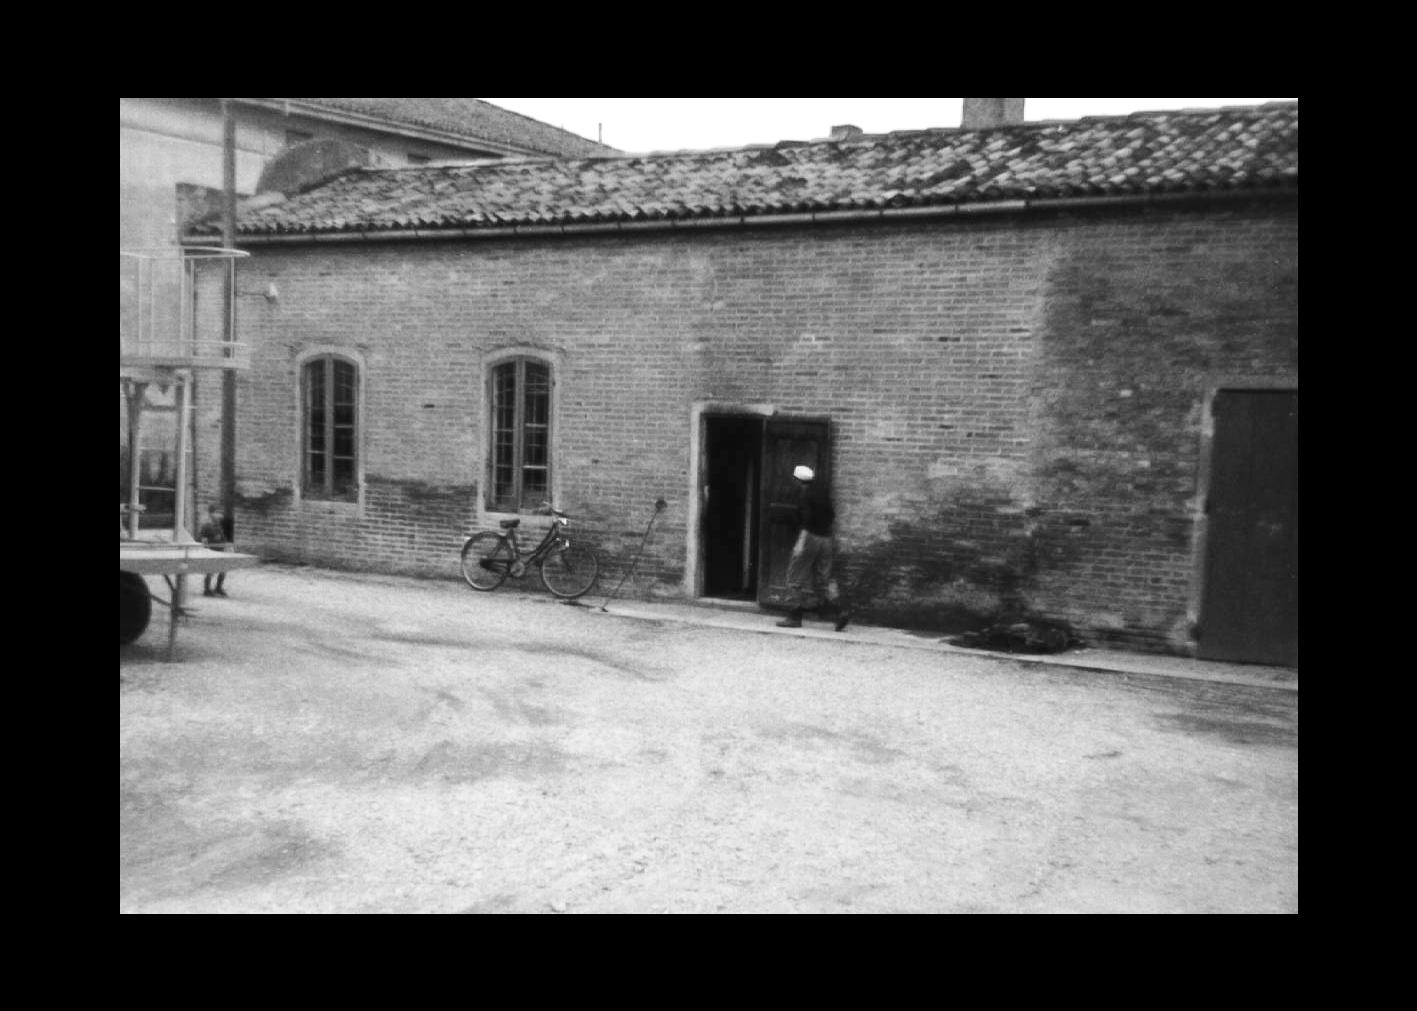 Forno Lodovico Minarelli detto Delmo